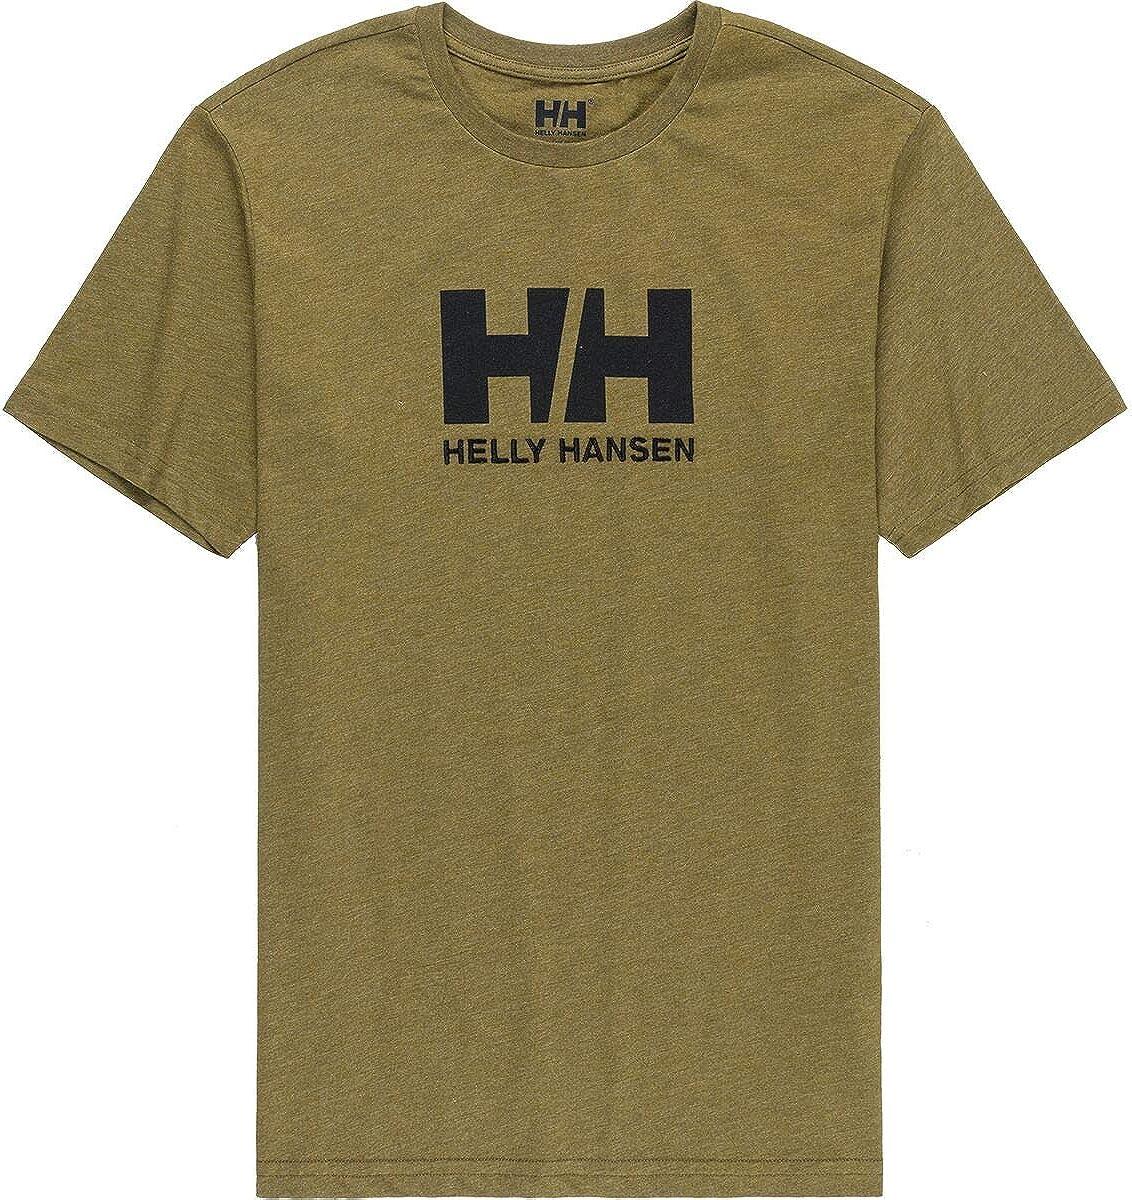 Helly-Hansen Hh Logo Tee Shirt